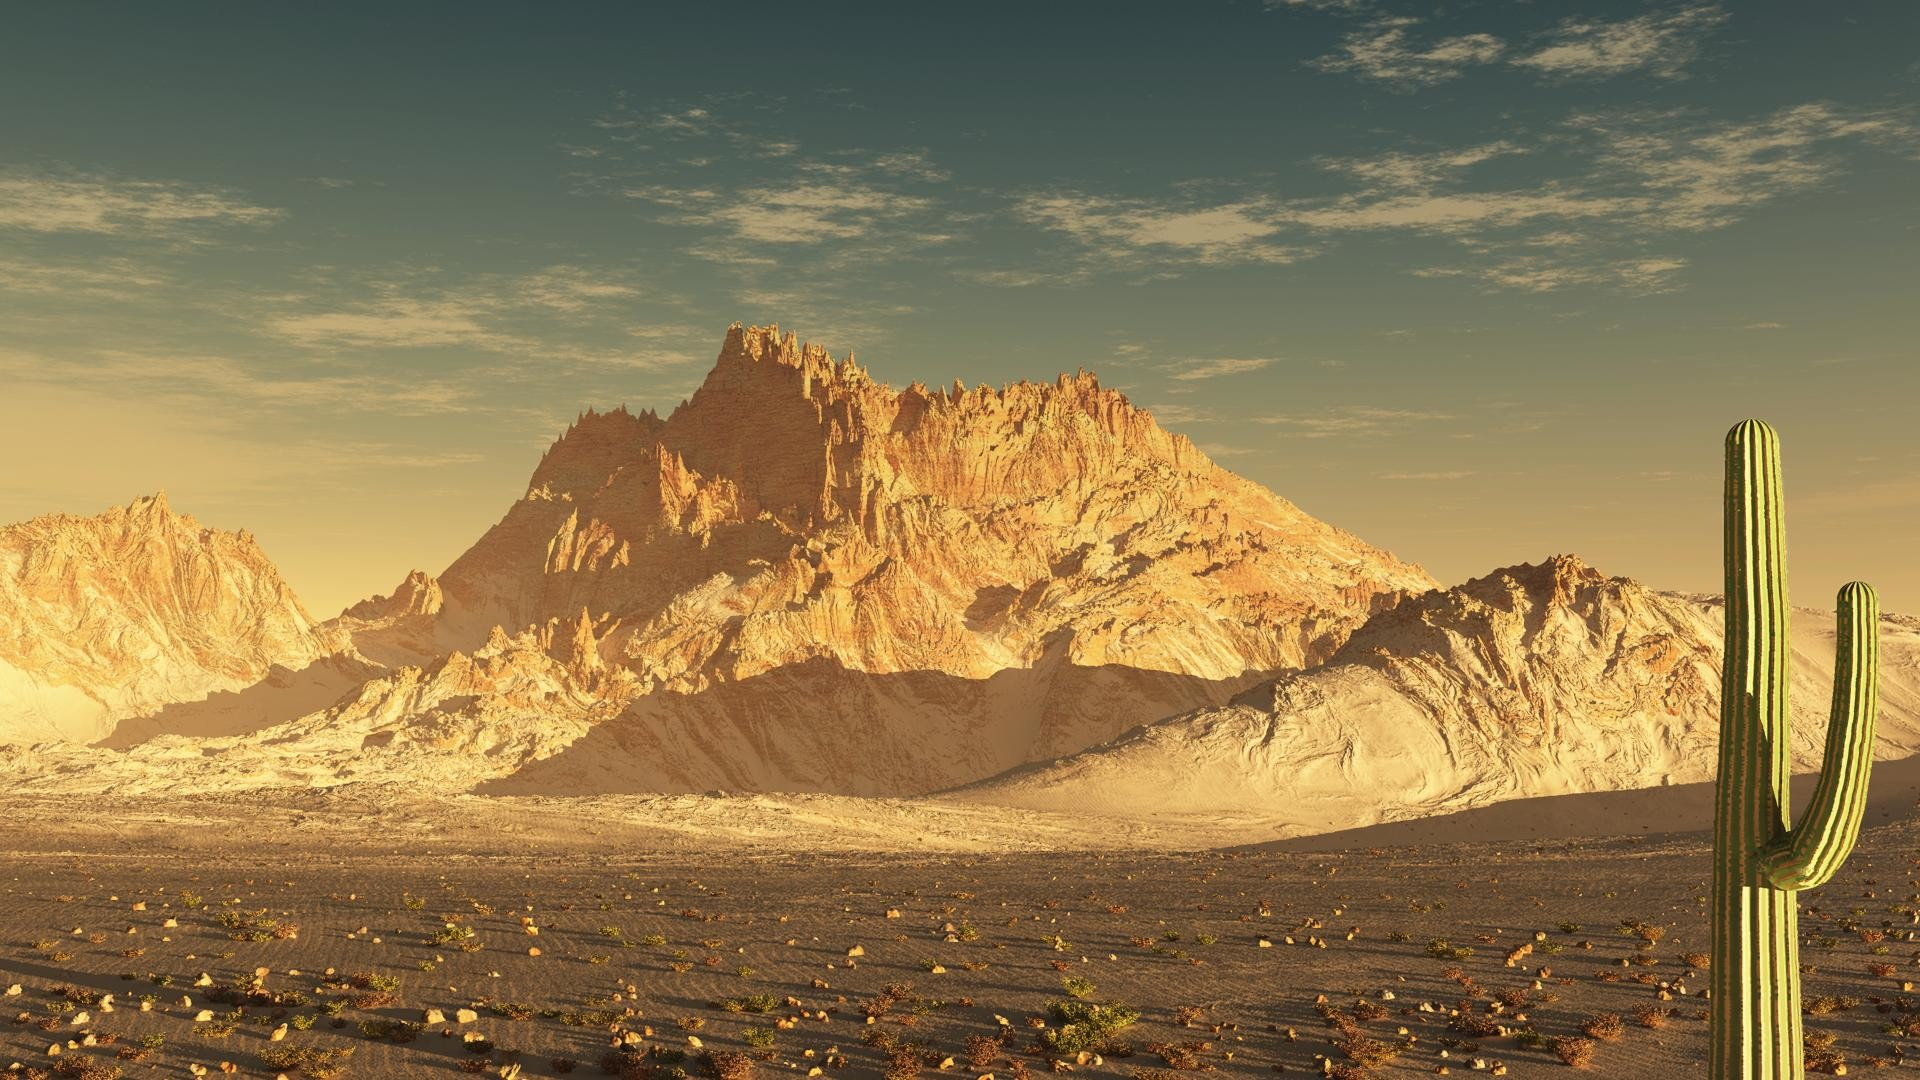 wallpaper.wiki-Desert-Photo-HD-PIC-WPE0010538